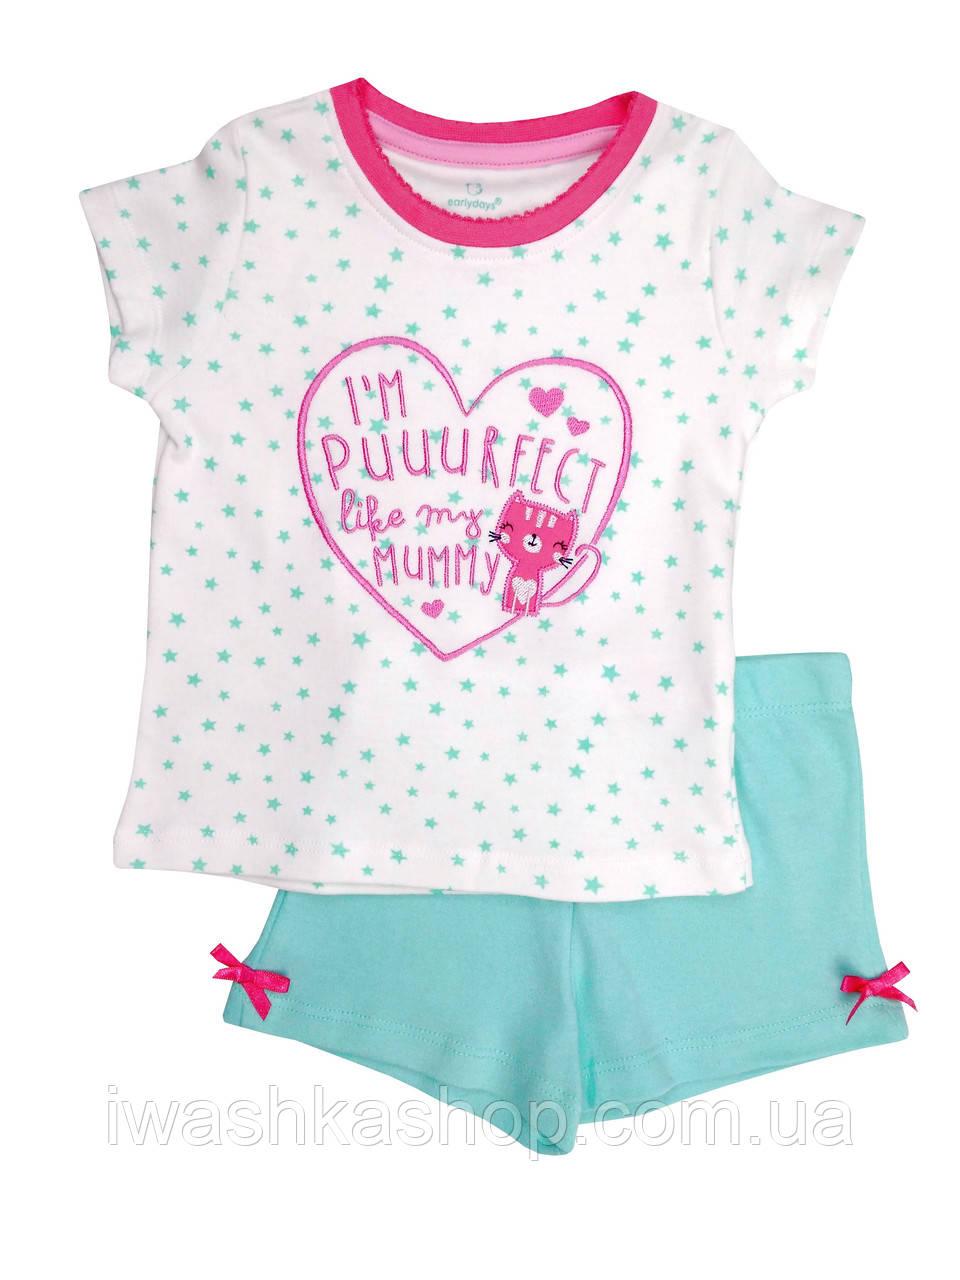 Хлопковая летняя пижама для девочки 1 - 1,5 года, р. 86, Early Days by Primark